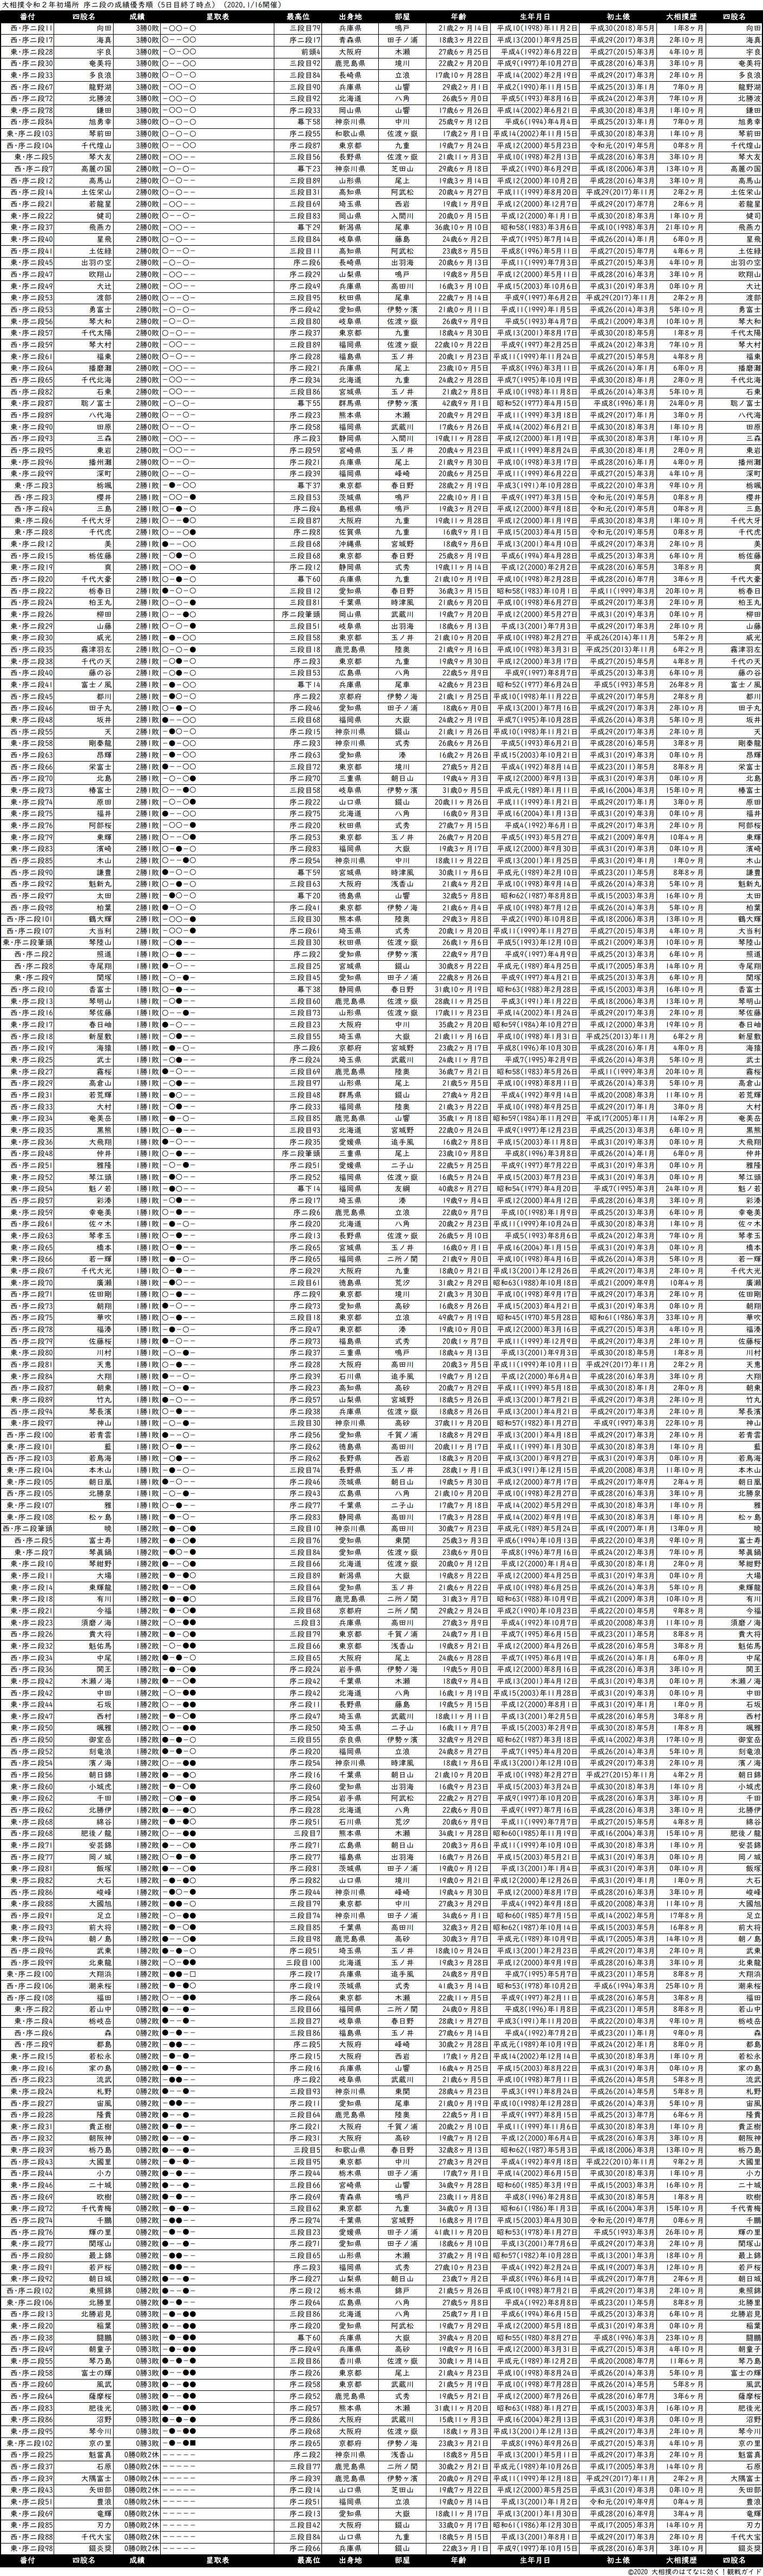 序二段成績順一覧表・2020年1月場所5日目